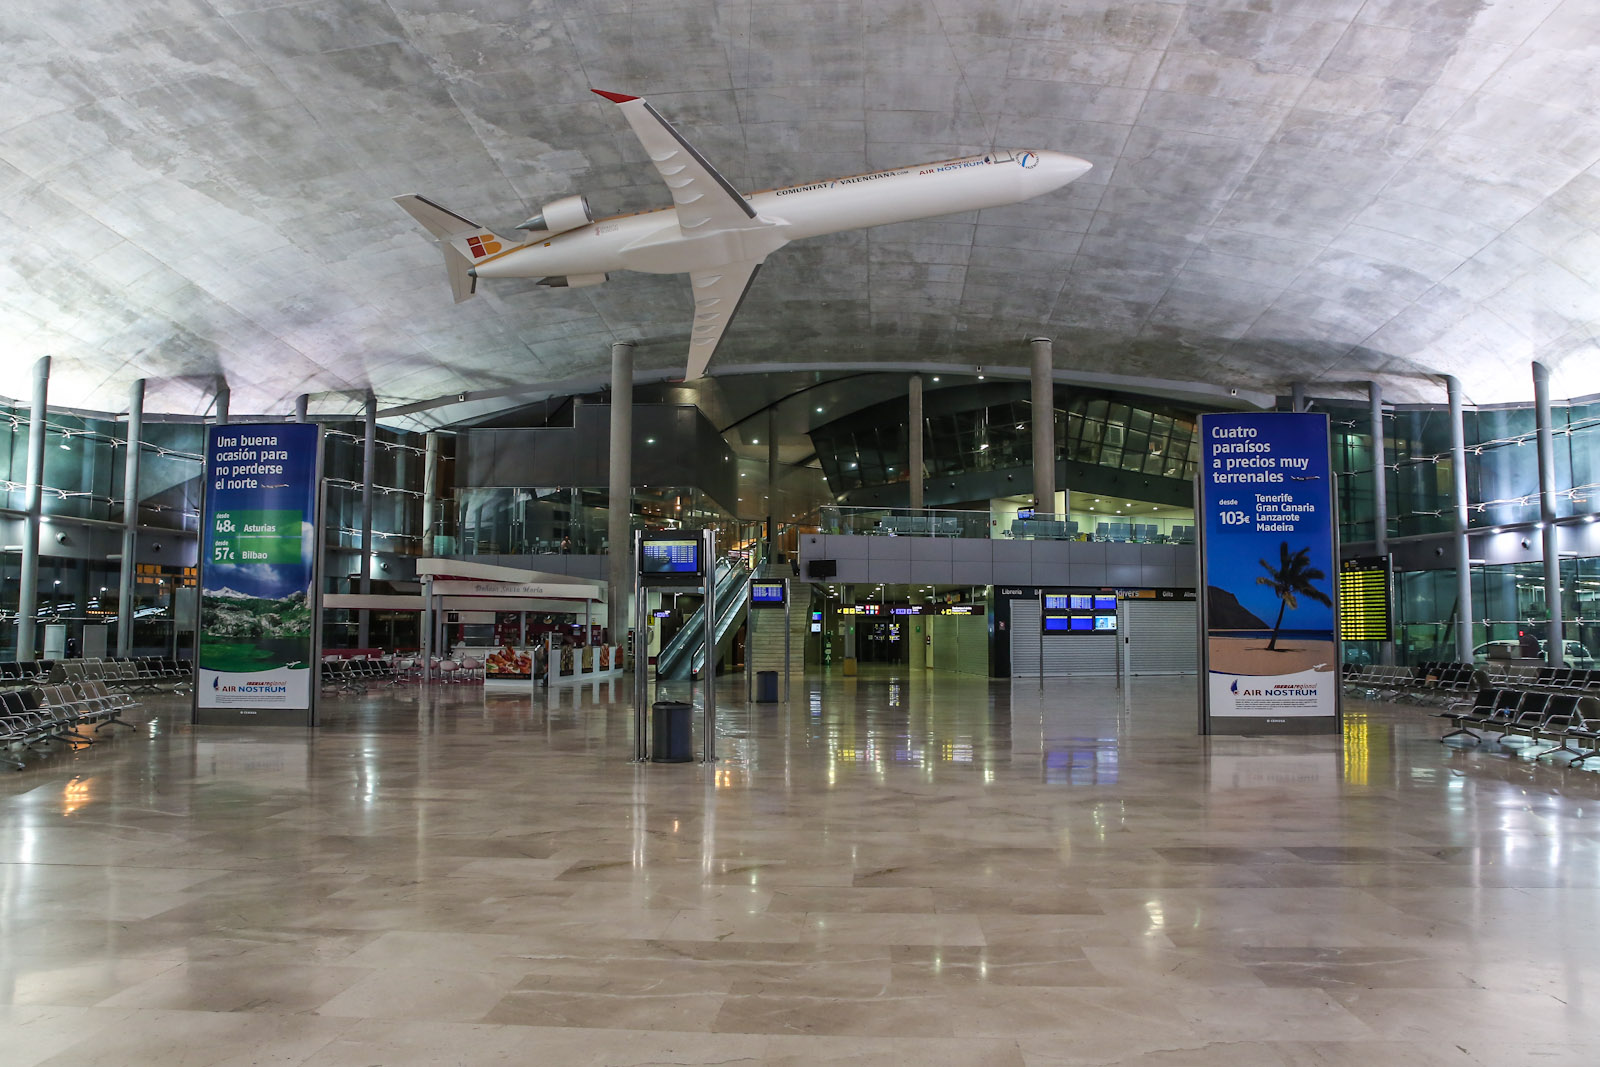 В чистой зоне аэропорта Валенсия